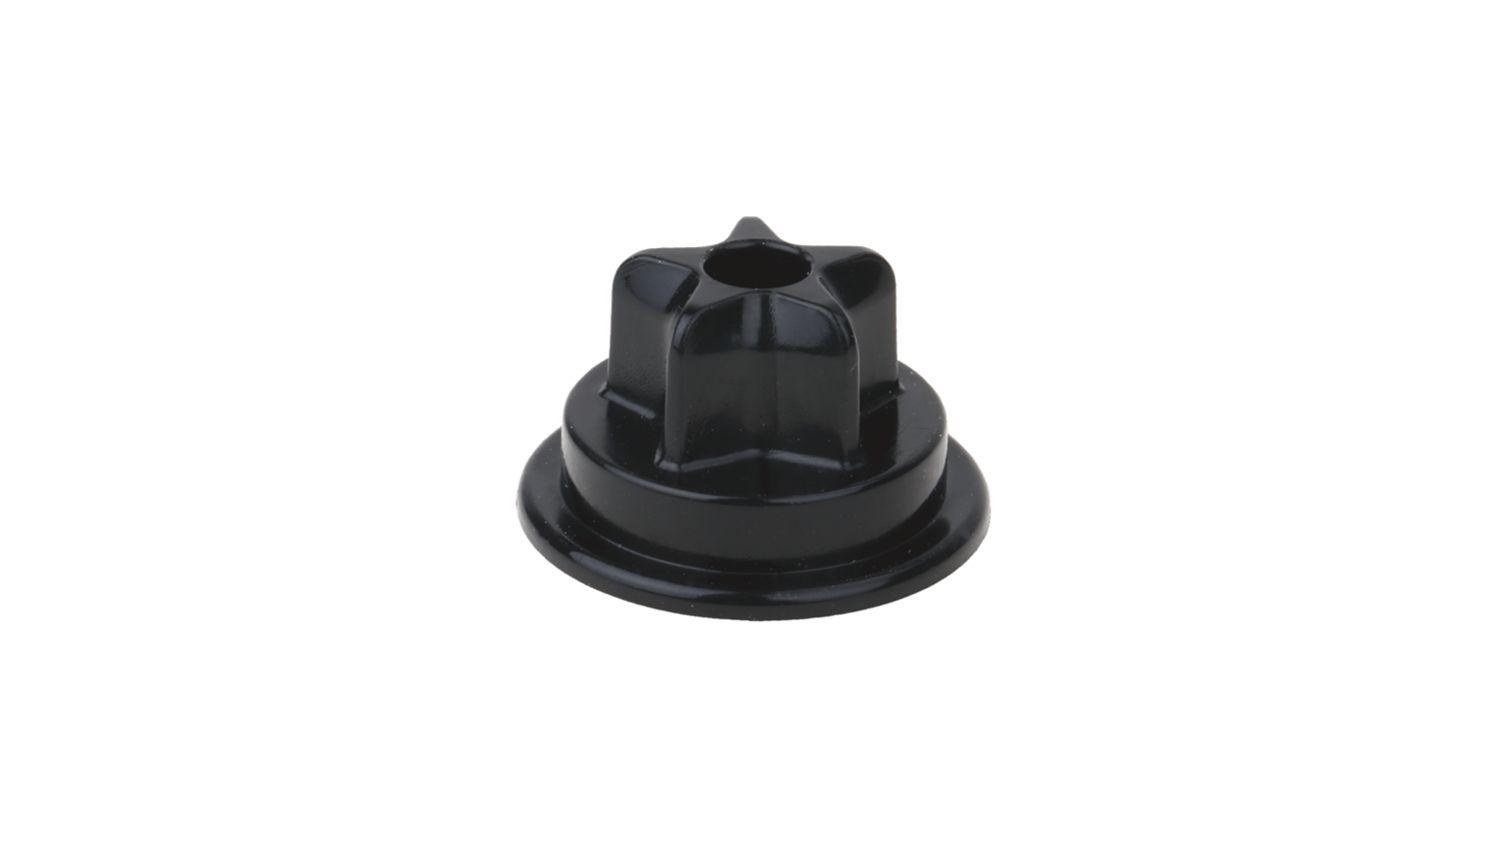 Spojovací díl do vysavače Bosch / Siemens - 00624587